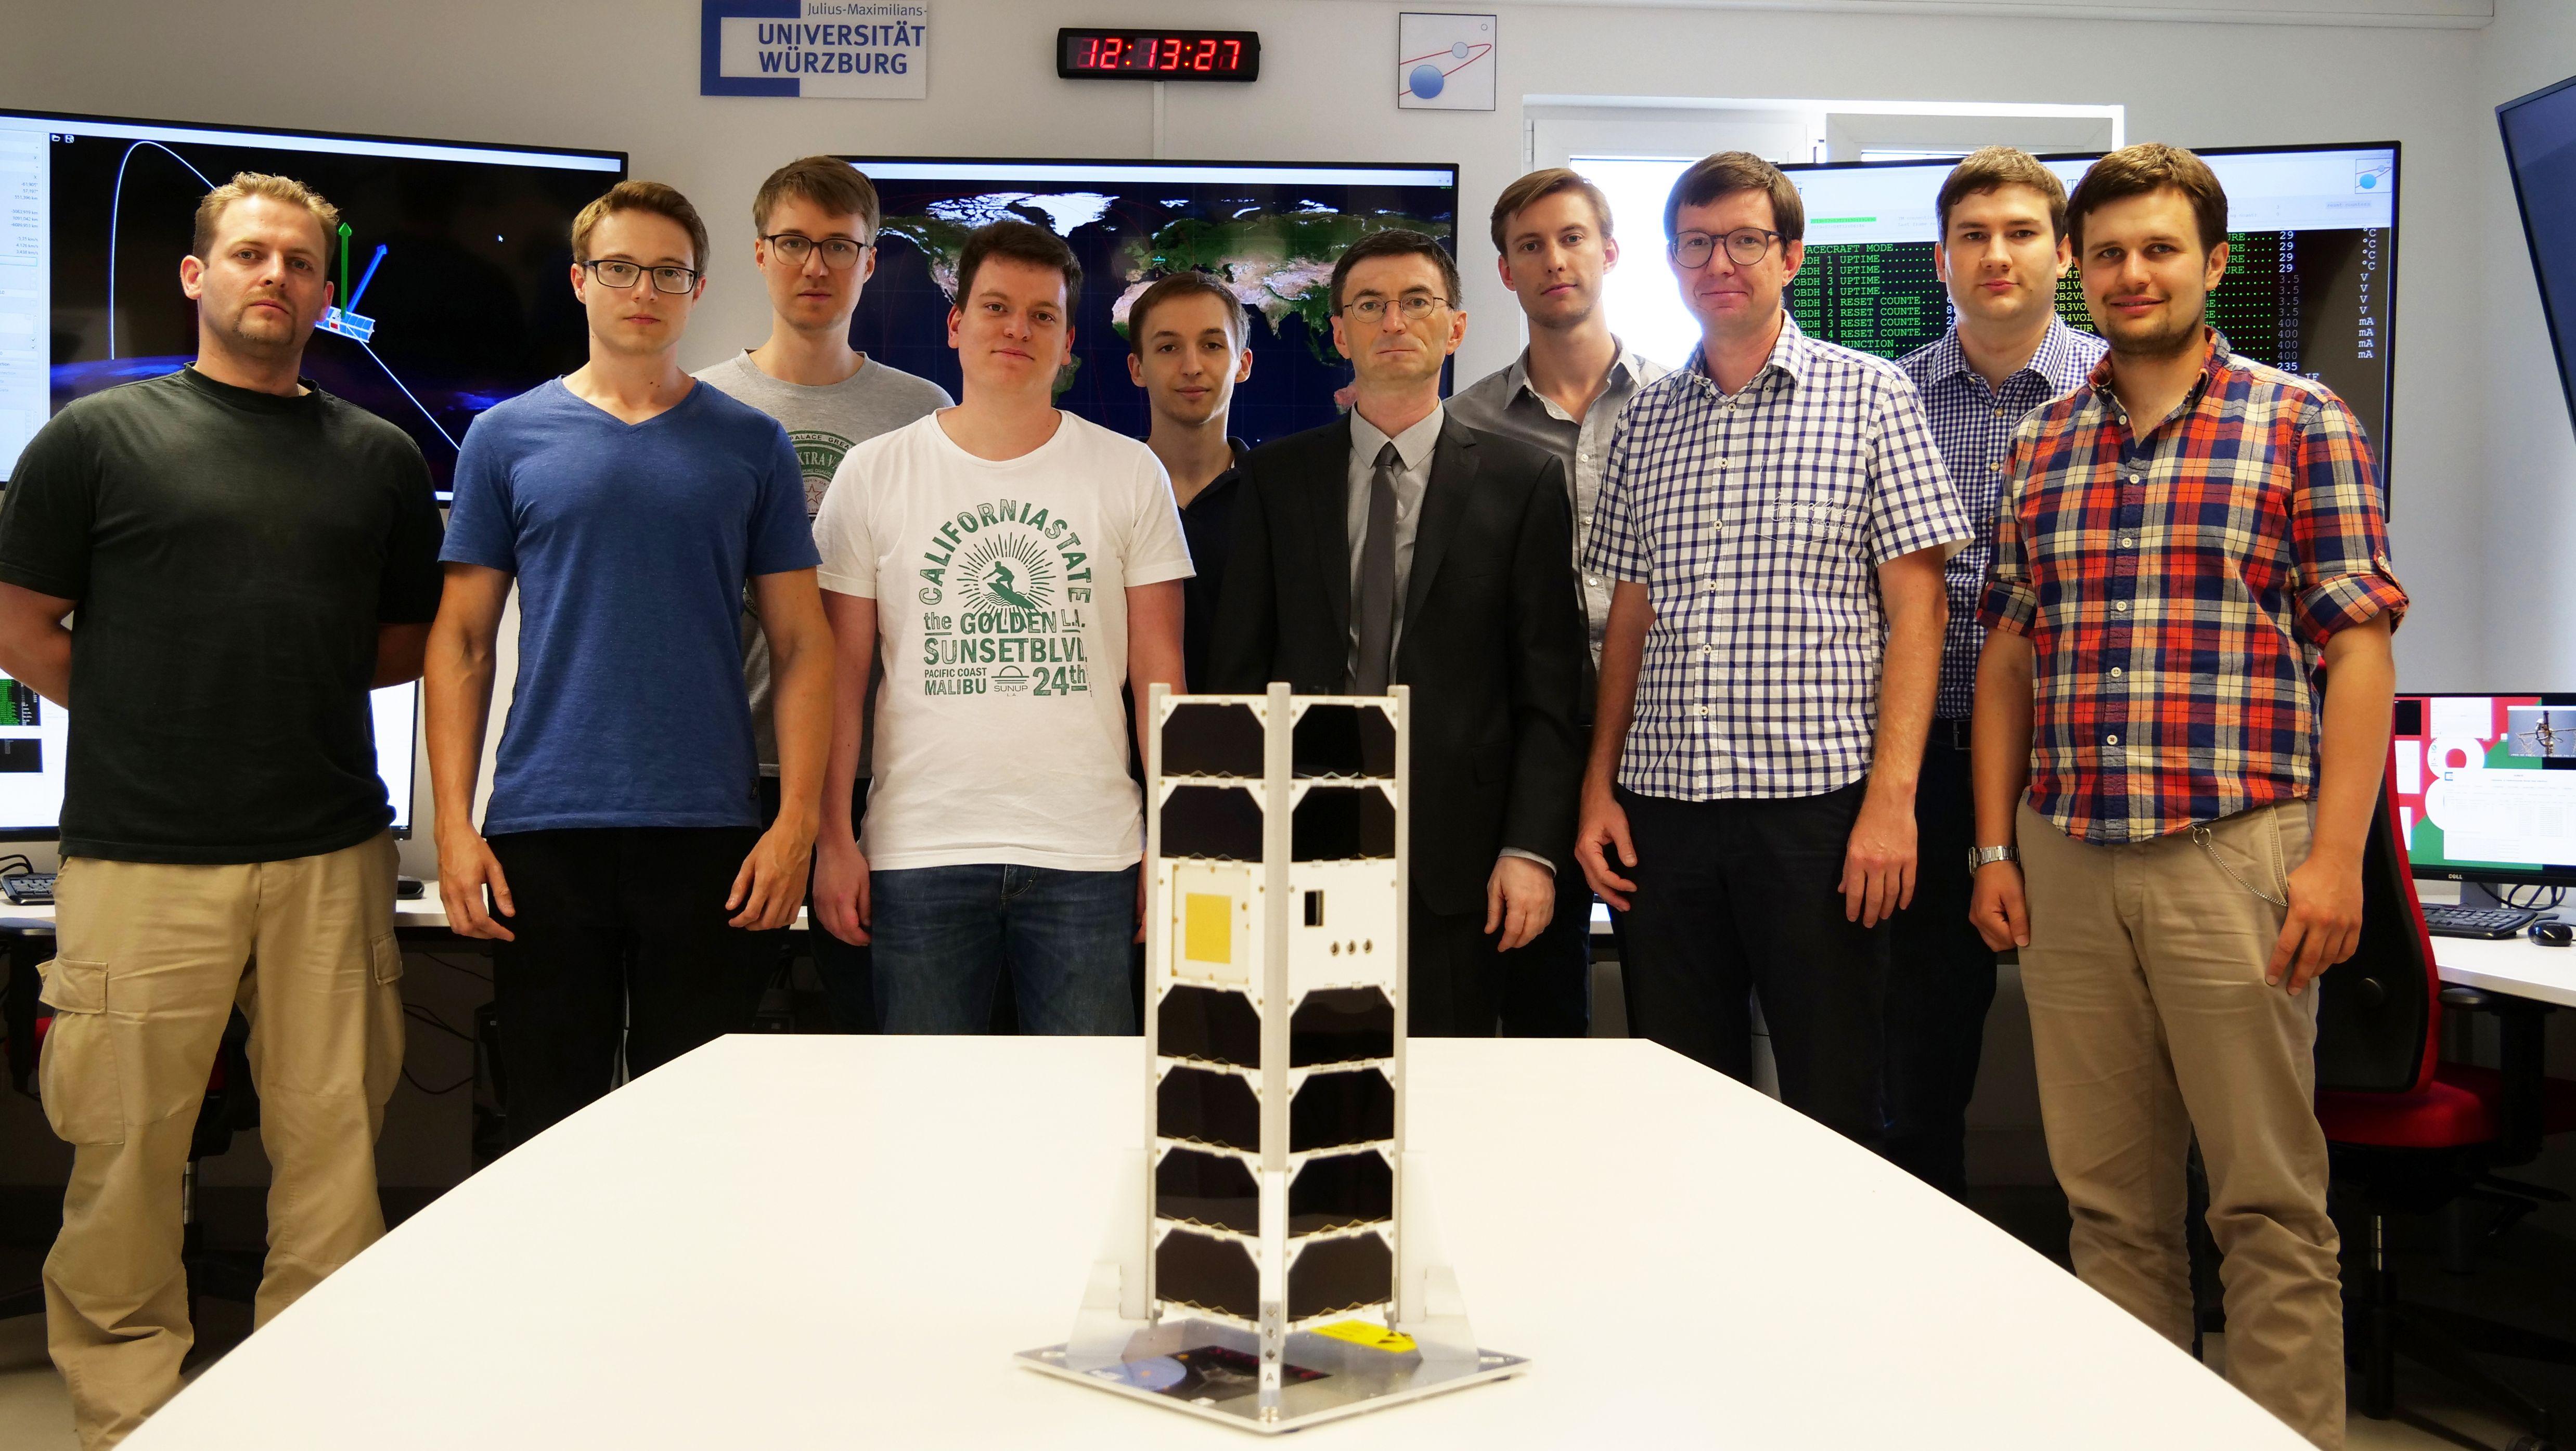 Das Team von Prof. Hakan Kayal (Fünfter von rechts) und Projektleiter Oleksii Balagurin (Dritter von rechts) hinter dem Sonate-Projekt im Missionskontrollzentrum des Satelliten am Campus Hubland Nord.